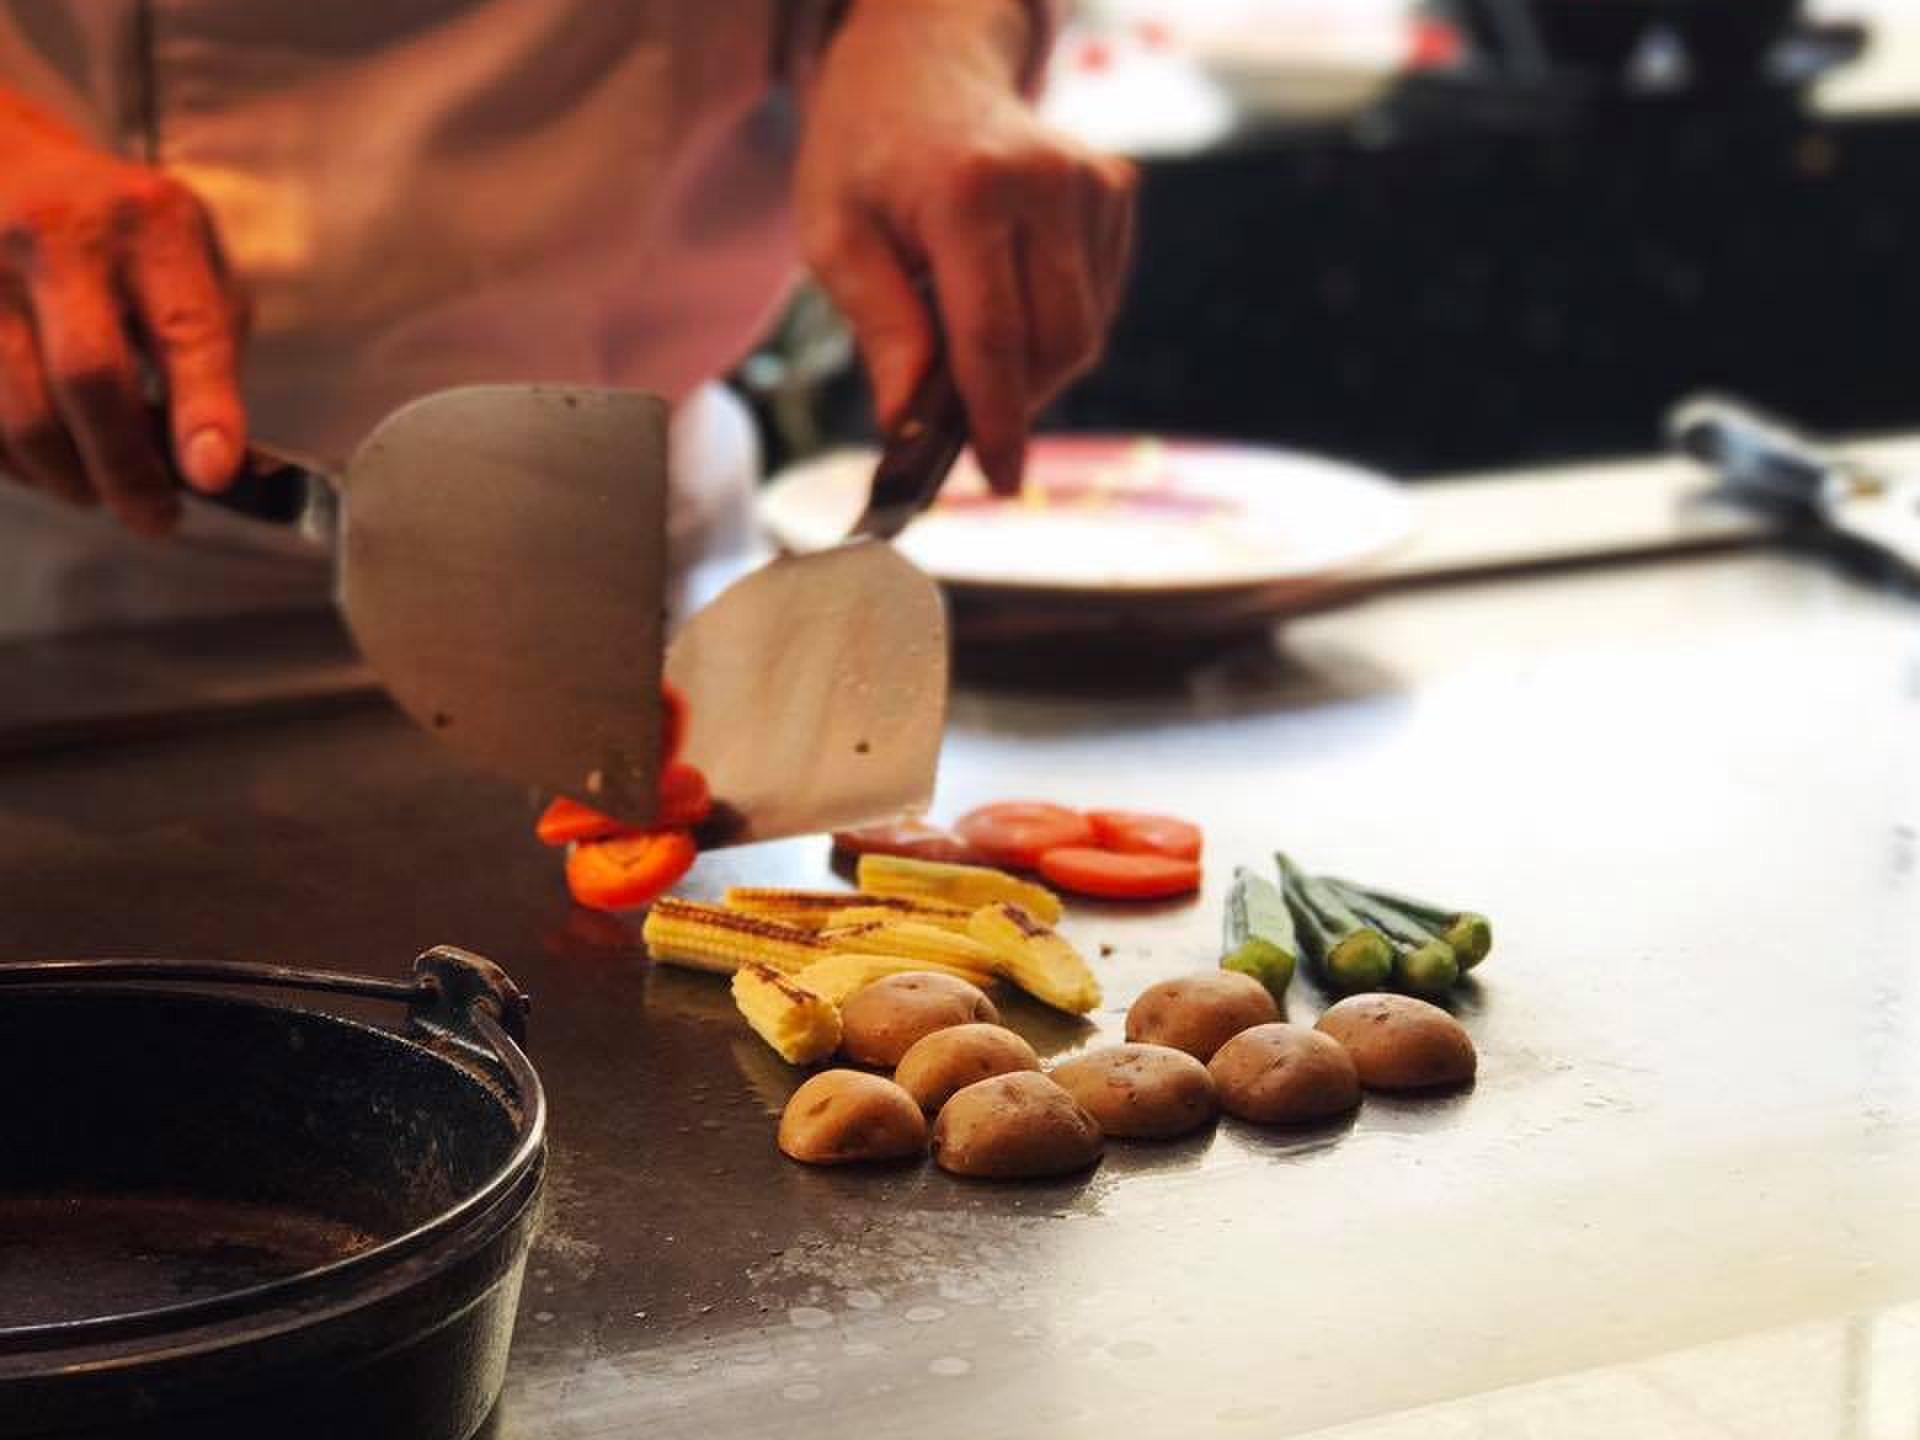 【絶景×焼肉】東京オペラシティで東京絶景満喫しつつ焼肉ランチ&カフェでビール。